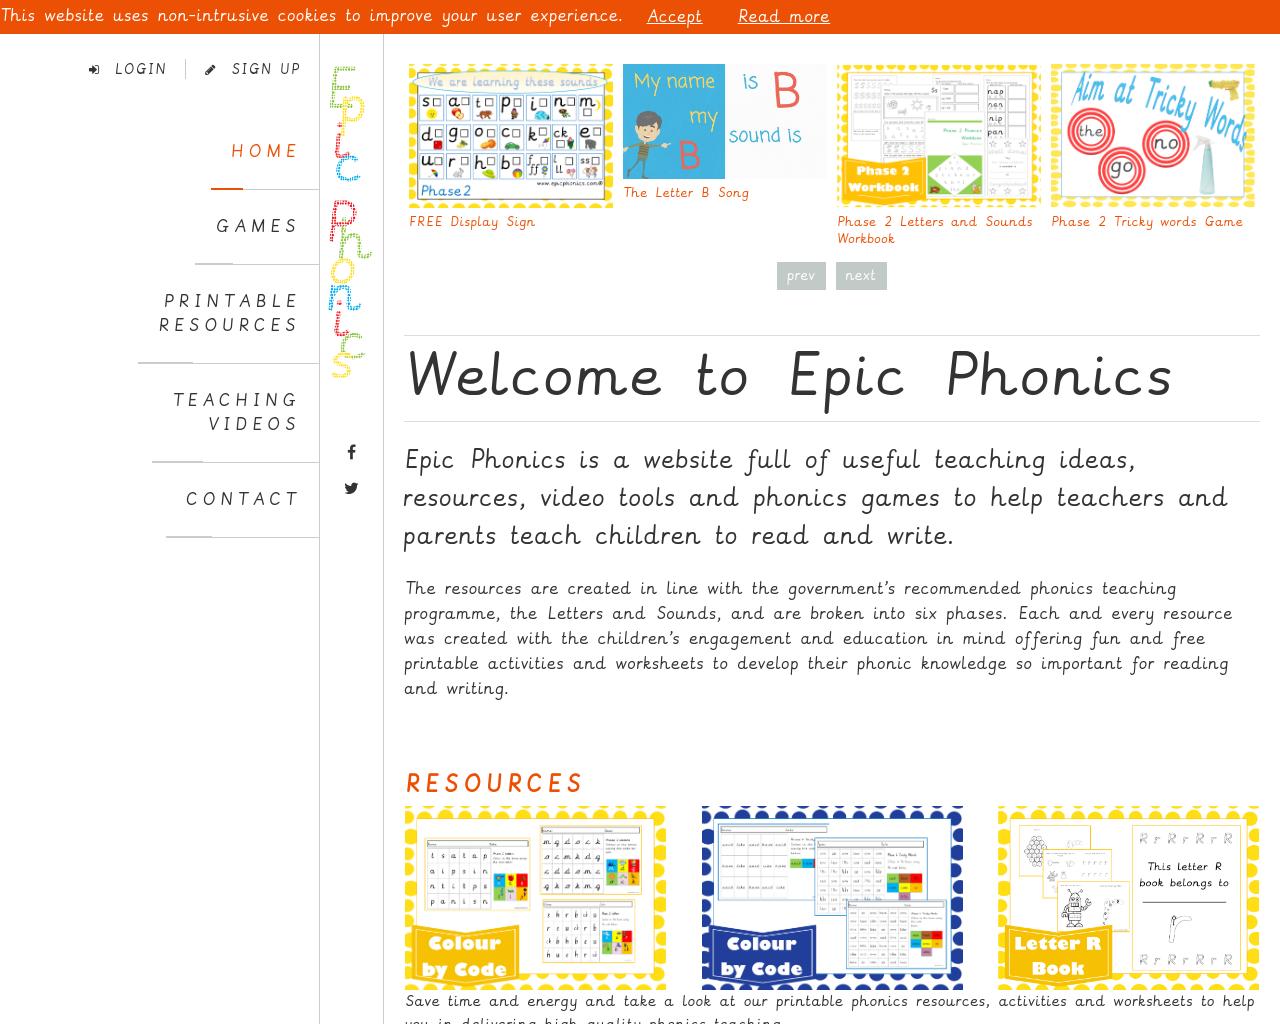 EPIC PHONICS